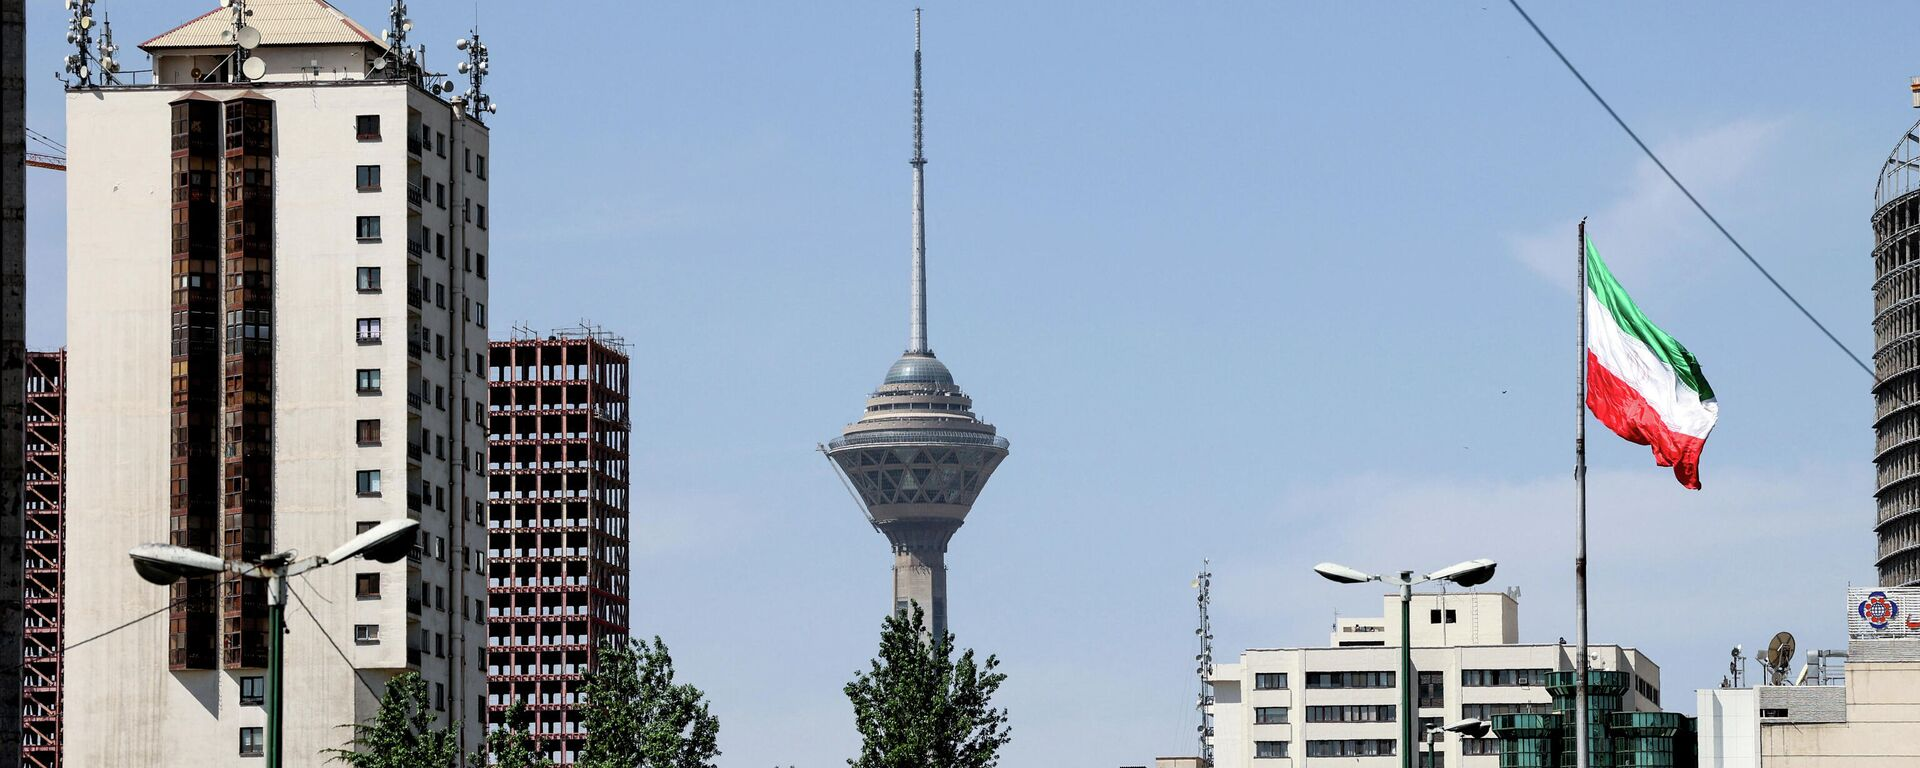 Teheran - SNA, 1920, 17.05.2021